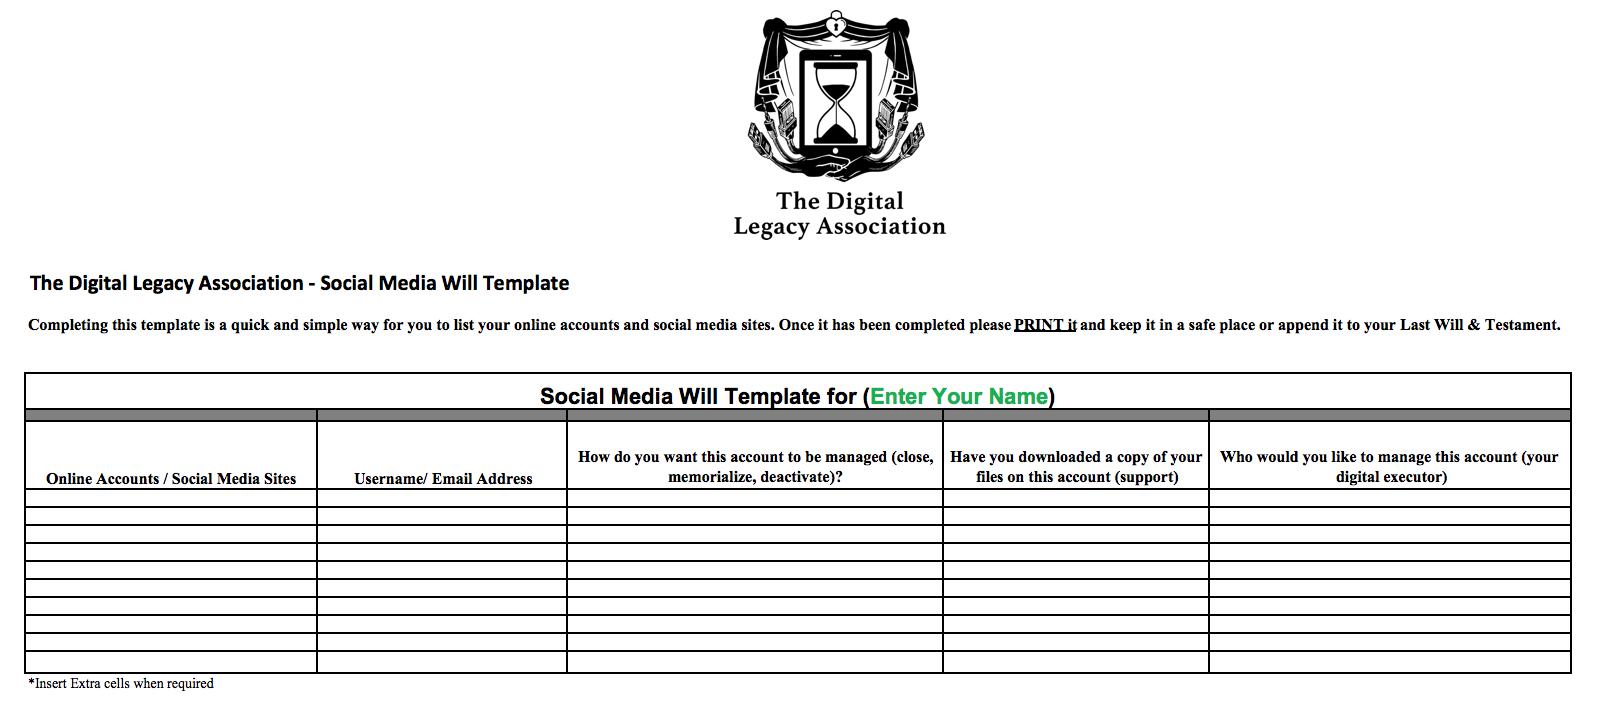 Digital Legacy Association - Social Media Will